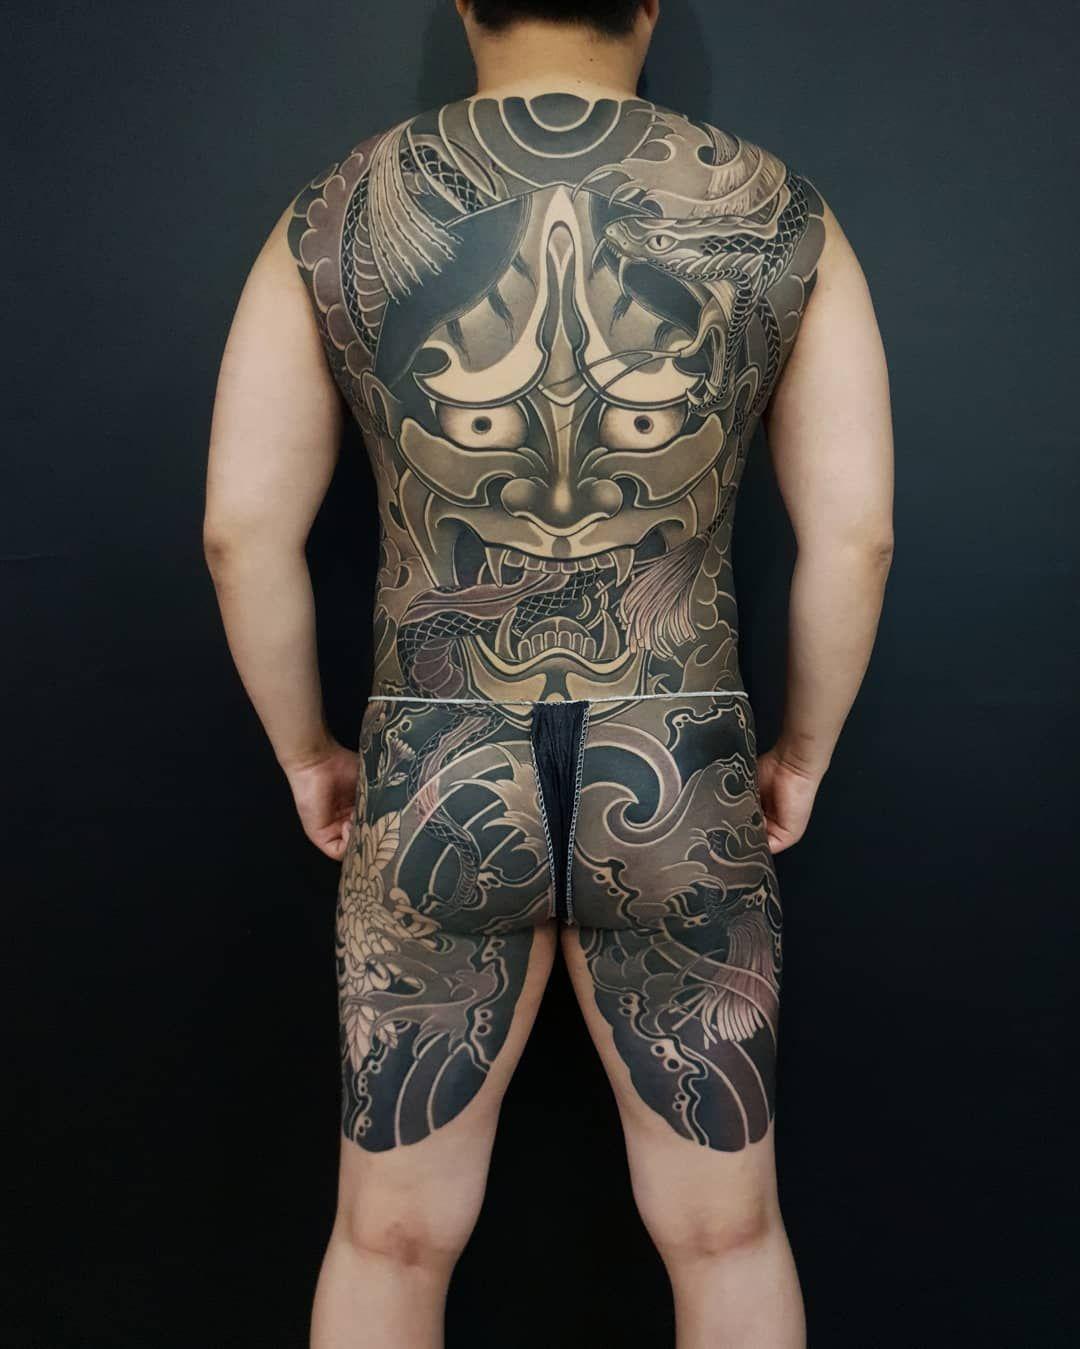 @zin.tattoo - 인천타투 구월동 K-ZIN(케이진)이레즈미 - 인천구월동 K-ZIN (케이진) irezumi work 이제 마지막한번 남았습니다!...